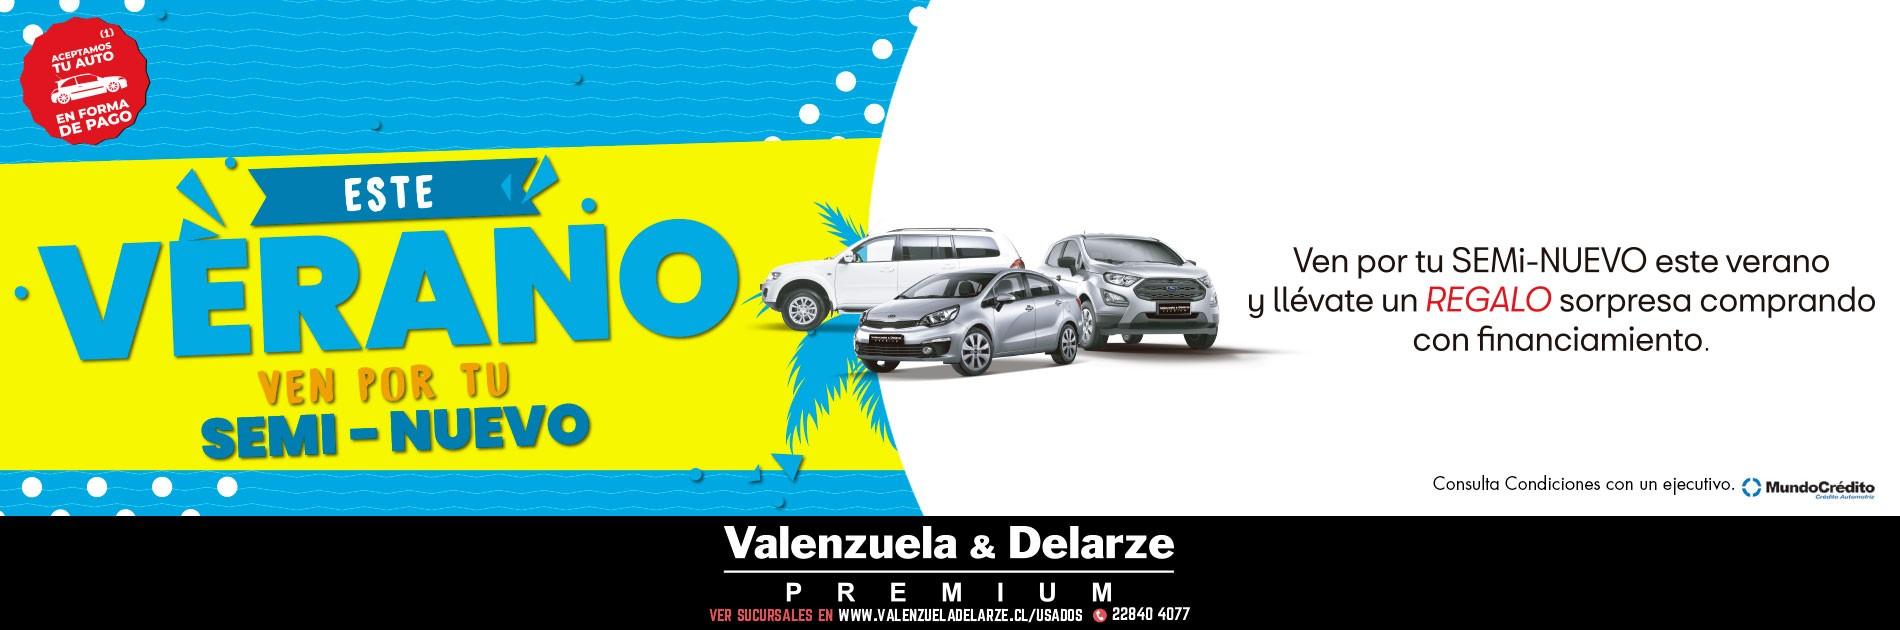 Valenzuela&delarze